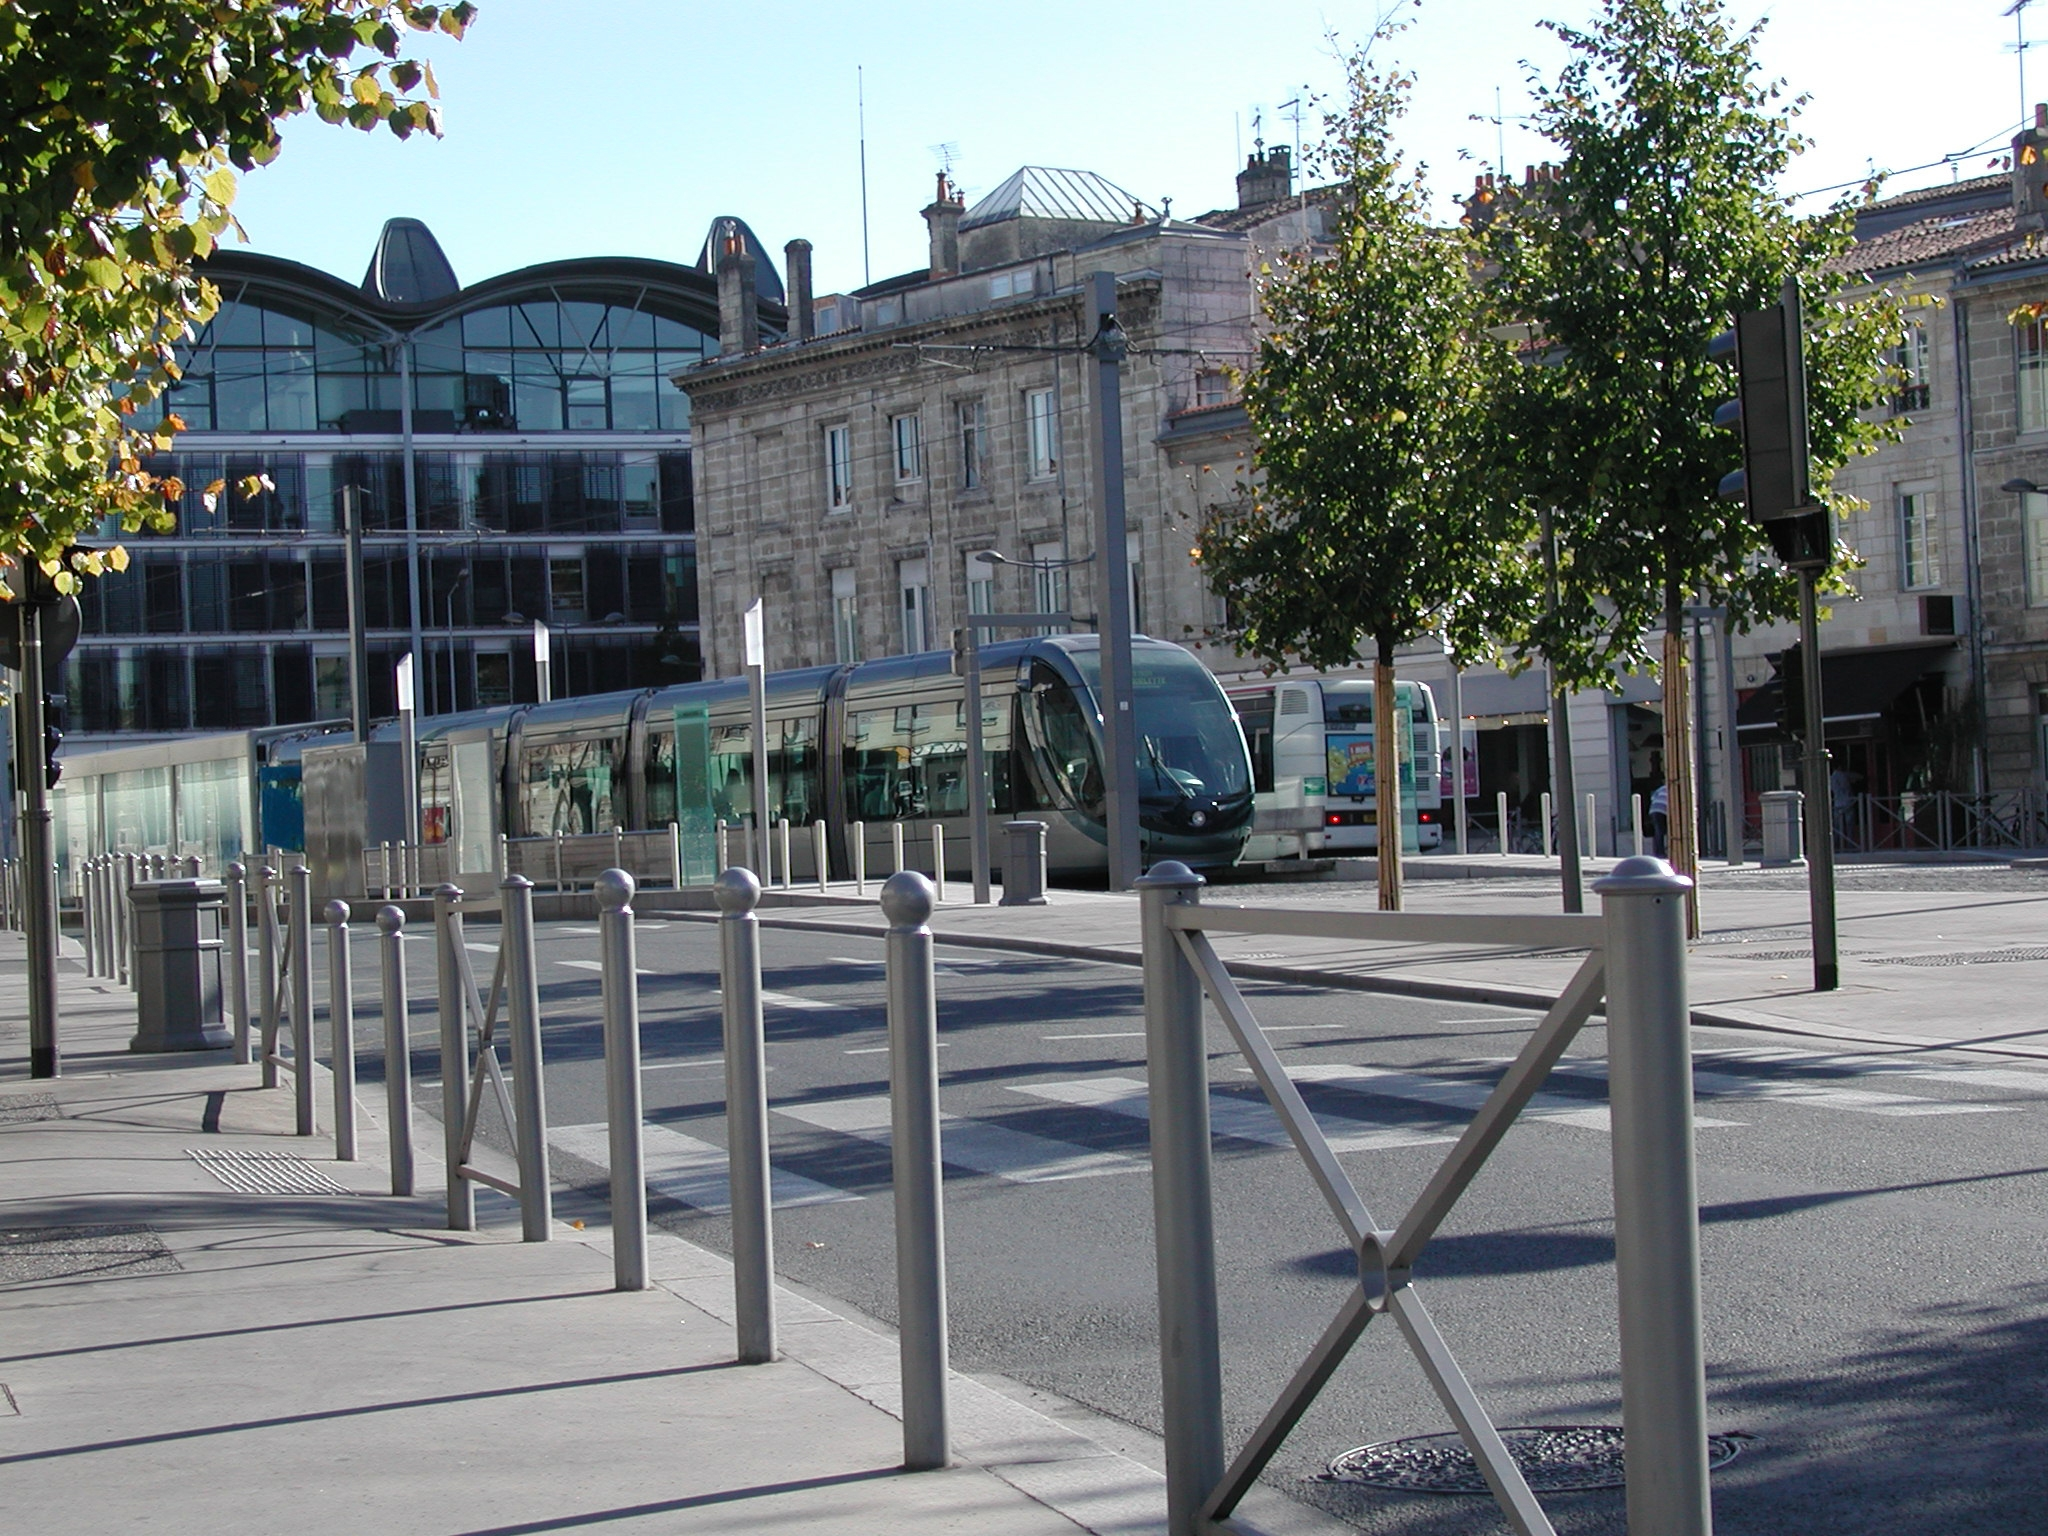 Proville mobilier urbain Phase 1 tramway de Bordeaux